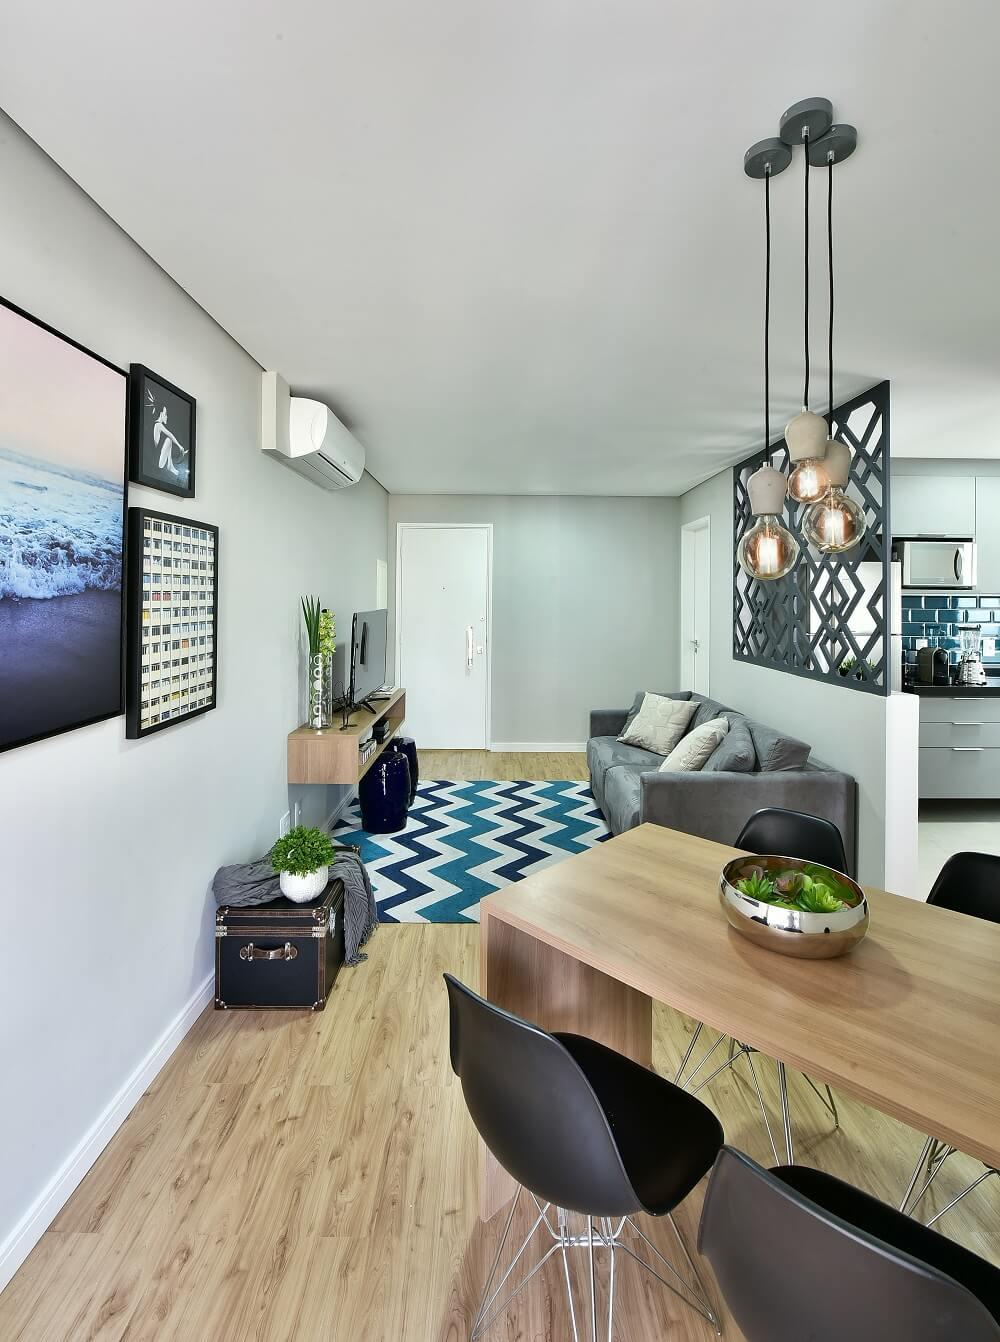 Un appartement de 57 m² avec un petit budget devient le refuge idéal.  Photo: Poupée Sidney